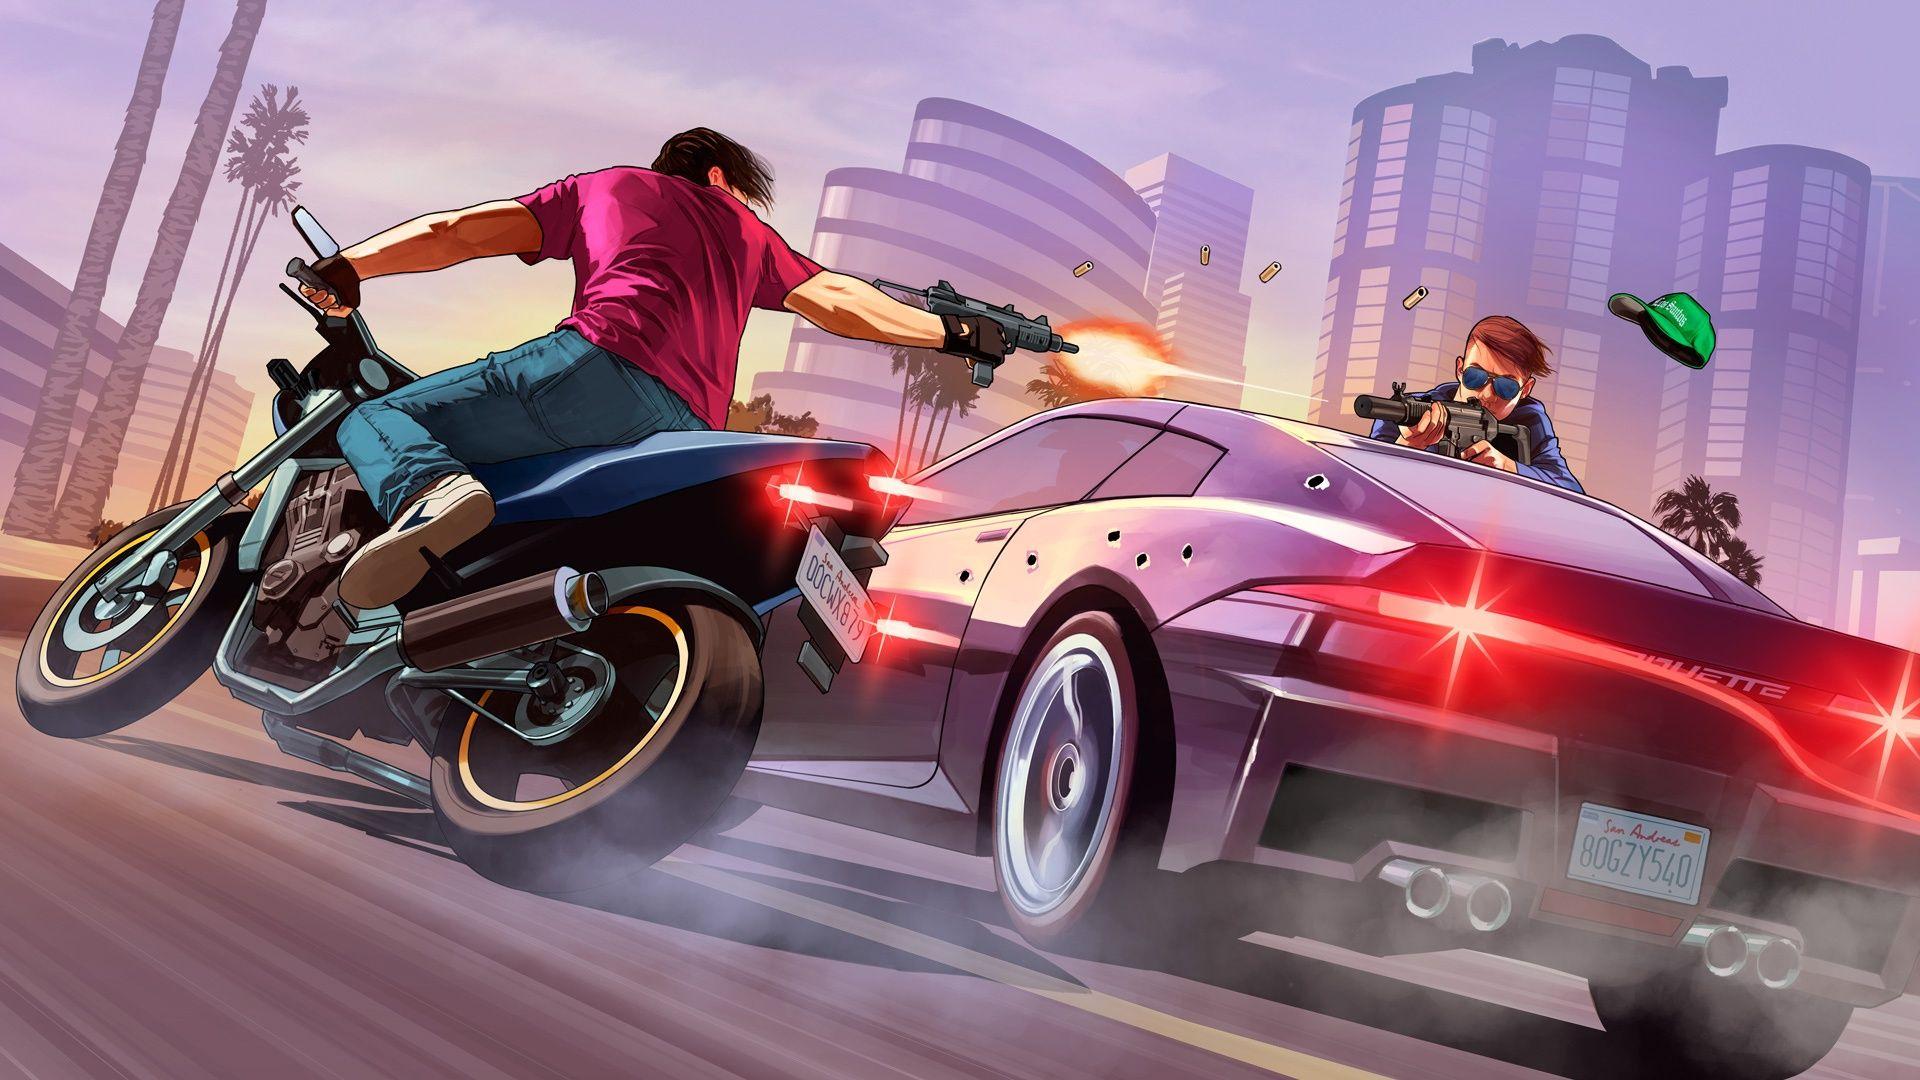 Kwarantanna w świecie gier wideo - hakerzy stosują przymusowy areszt domowy dla graczy w GTA Online 17